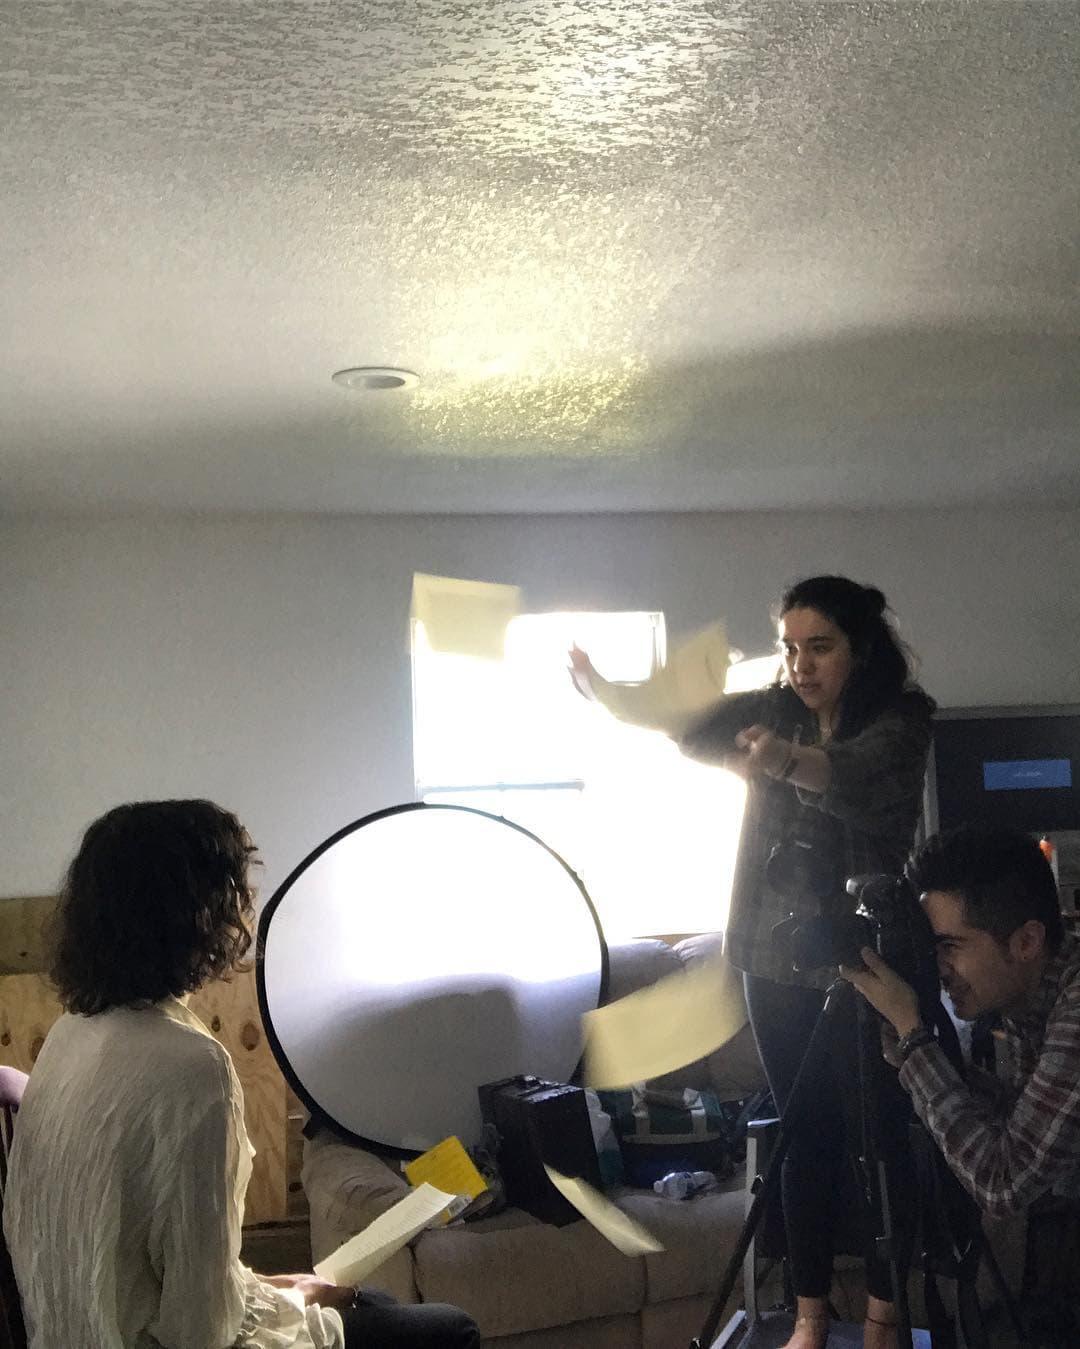 1569499554 f7177163c833dff4b38fc8d2872f1ec6 - Фотограф из Флориды показал, как выглядит со стороны процесс съёмки идеальных инстаграмных снимков